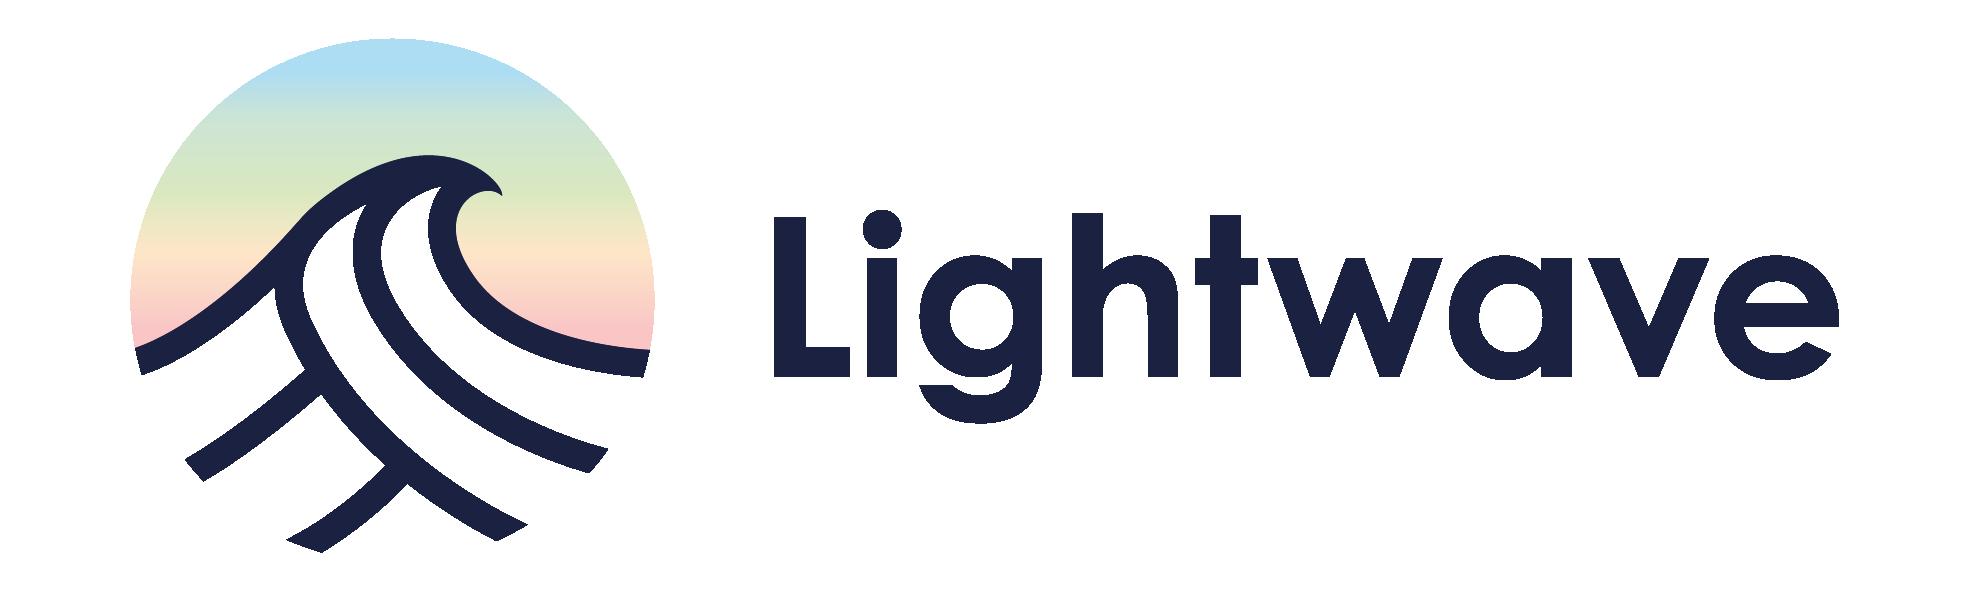 lightwave_logo_klein_03